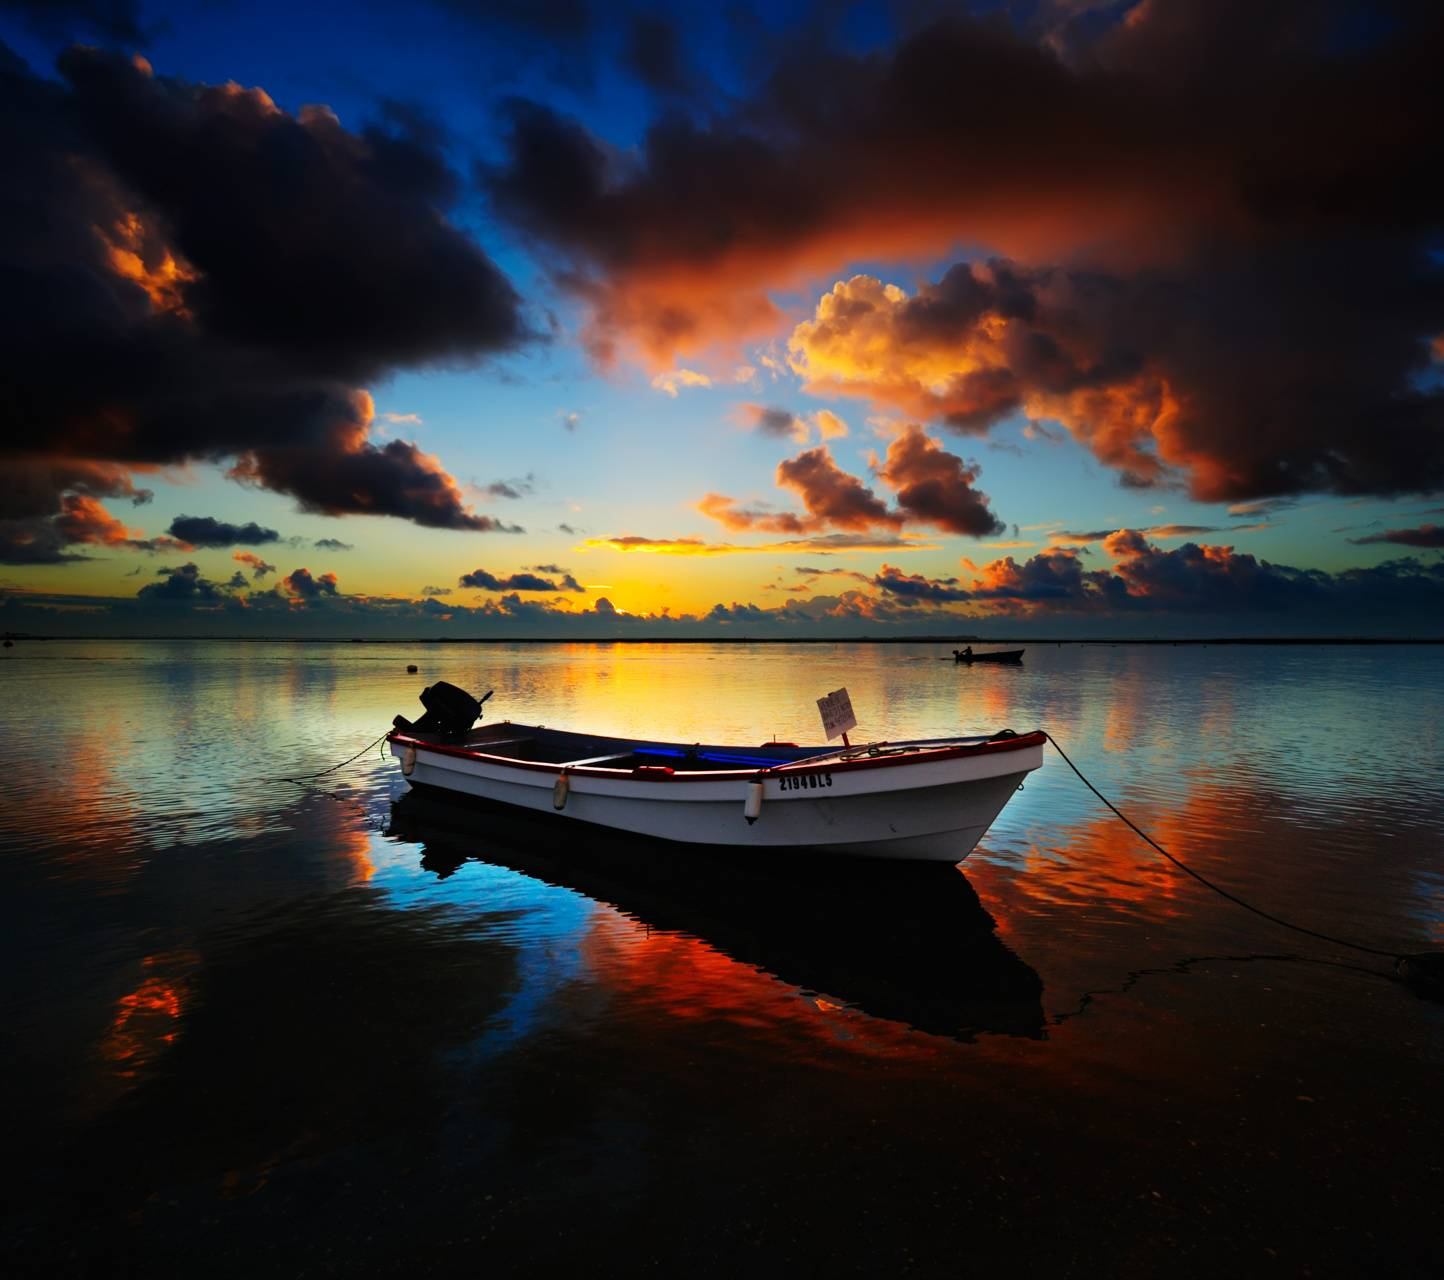 Alone Boat